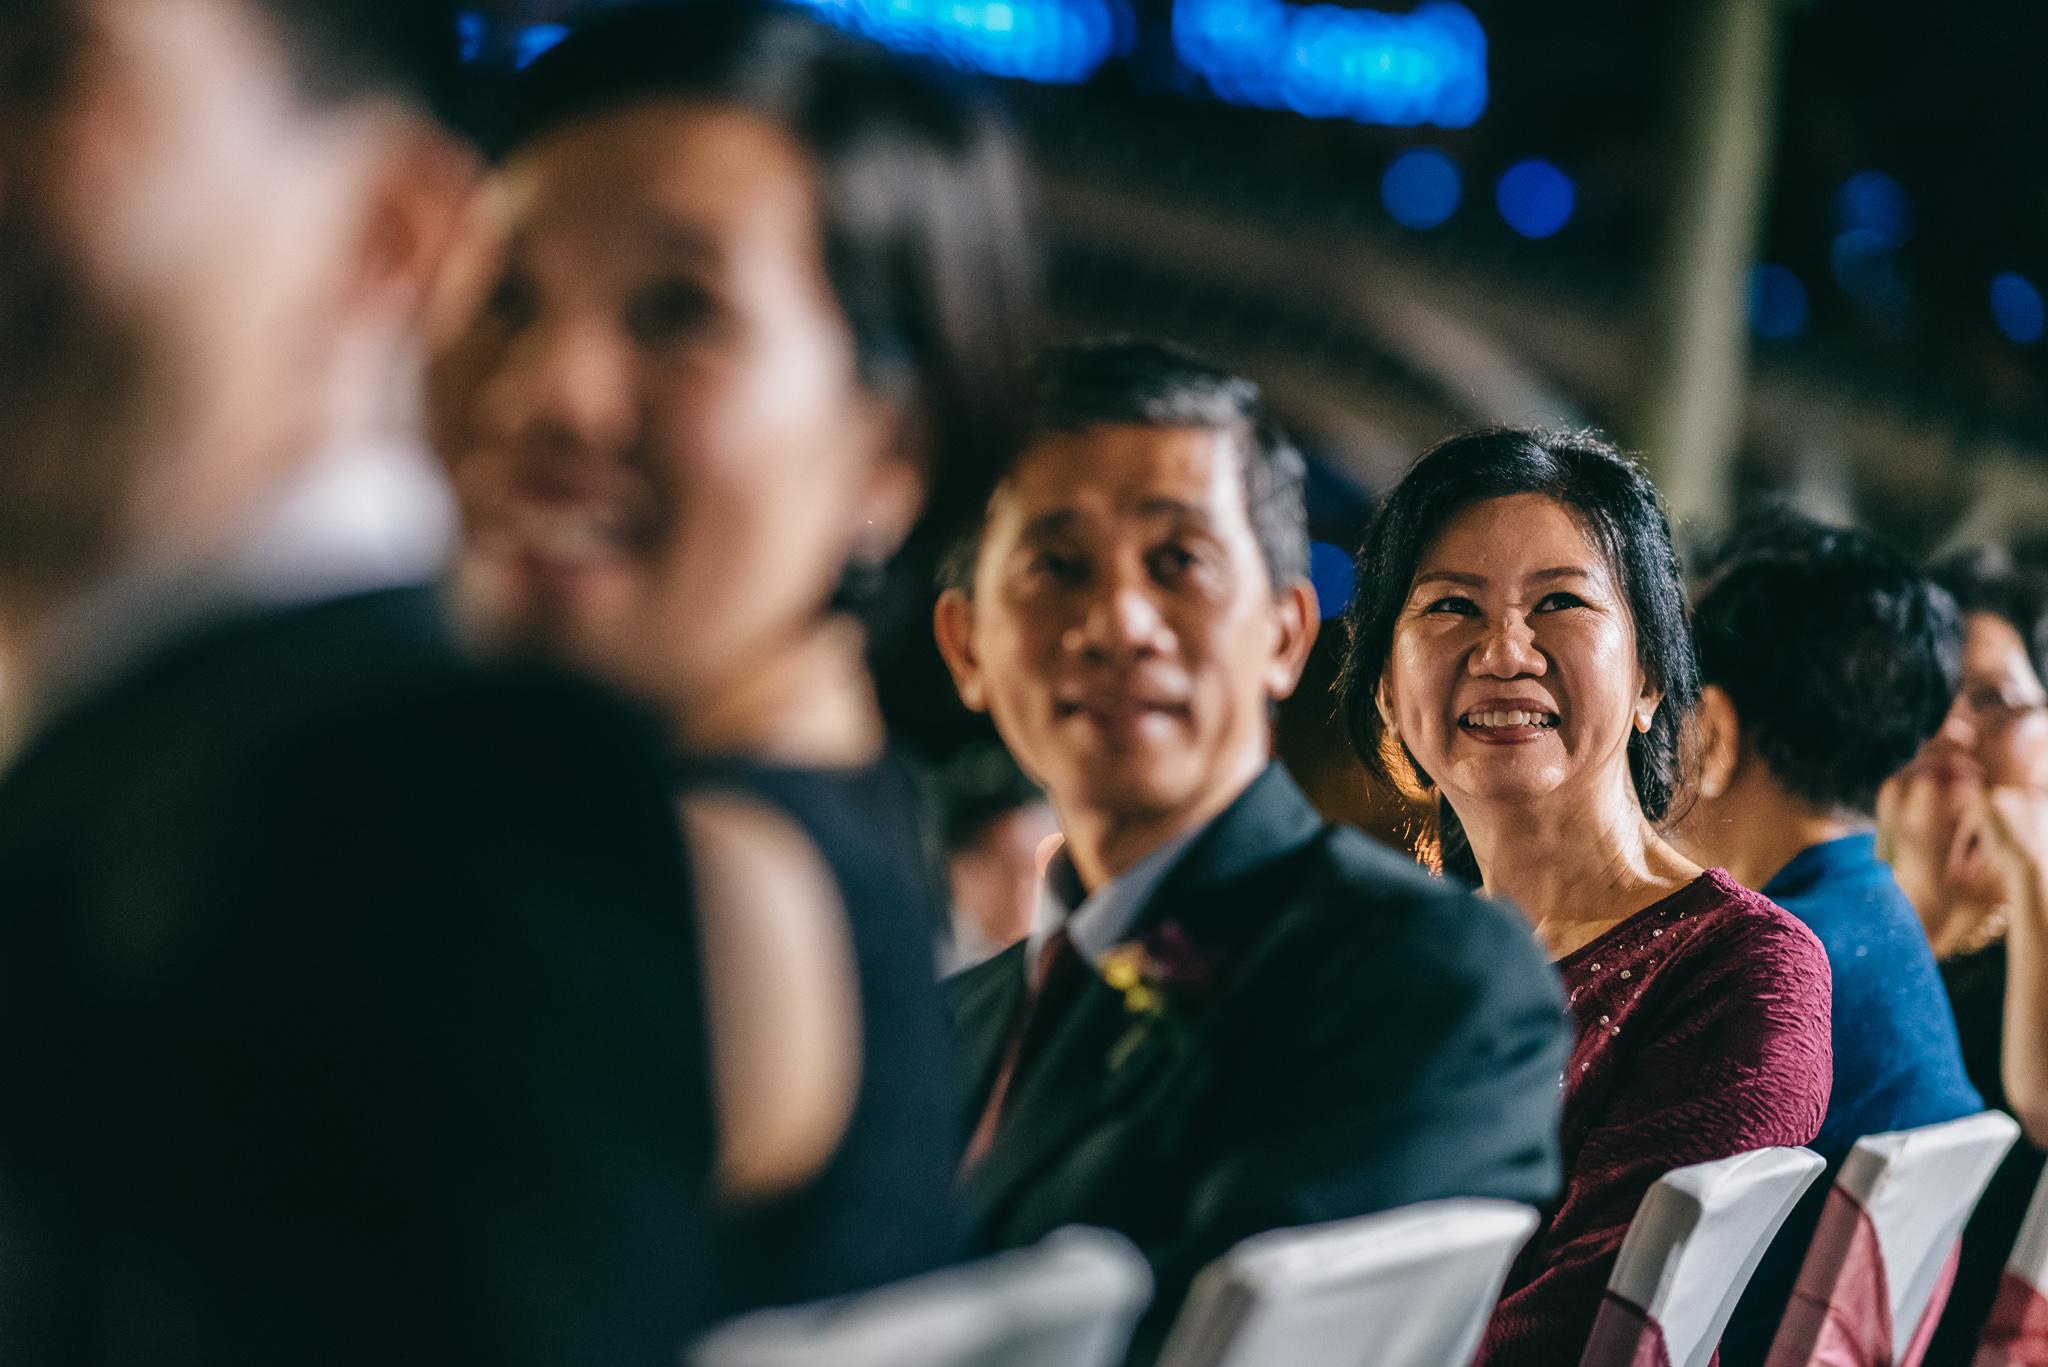 Lionel & Karen Wedding Day Highlights (resized for sharing) - 180.jpg